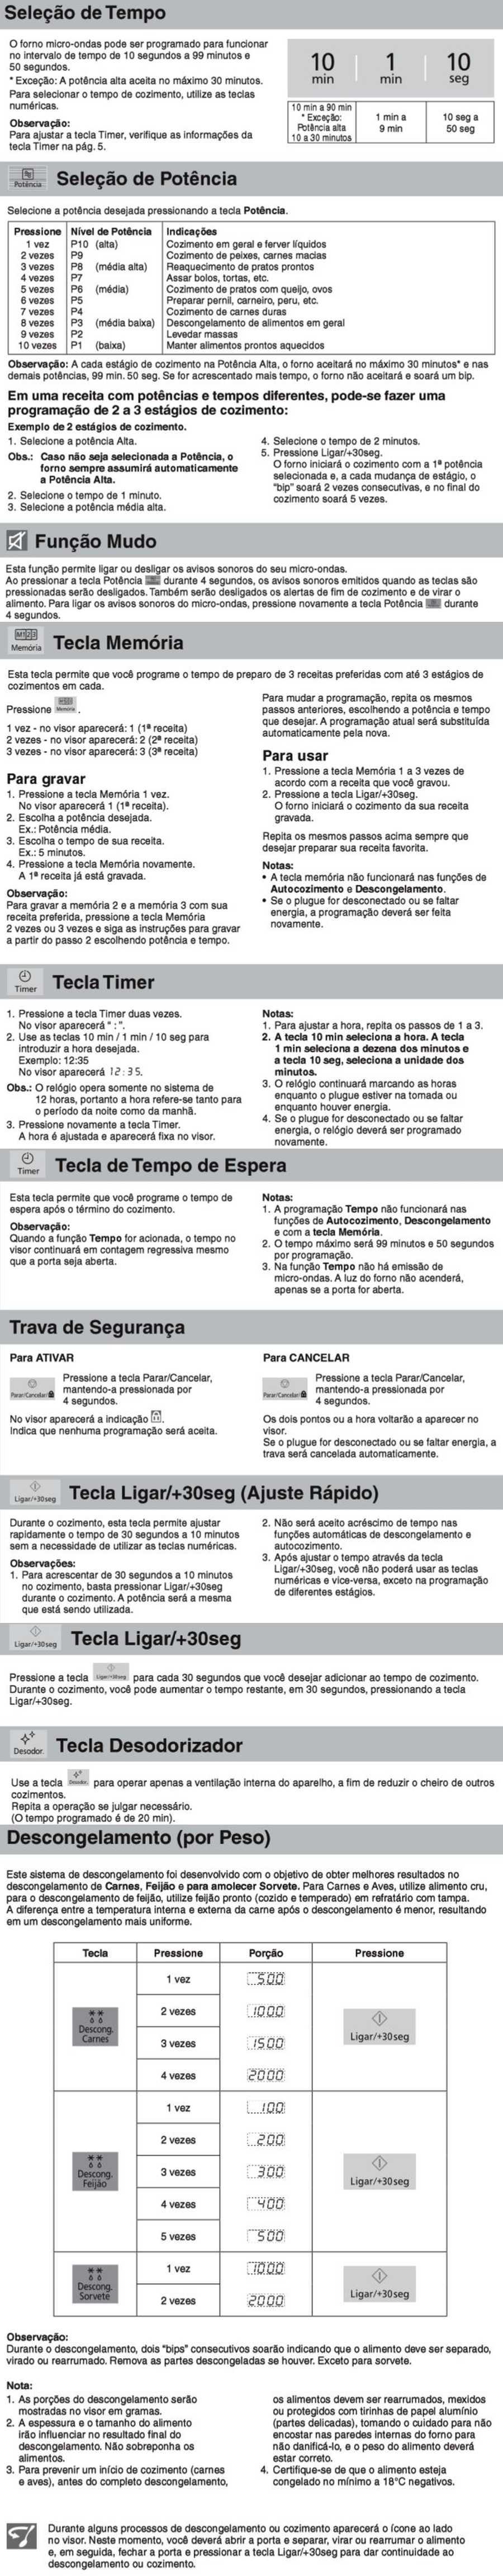 Manual de instruções do microondas Panasonic NN-ST375 - Funções - img